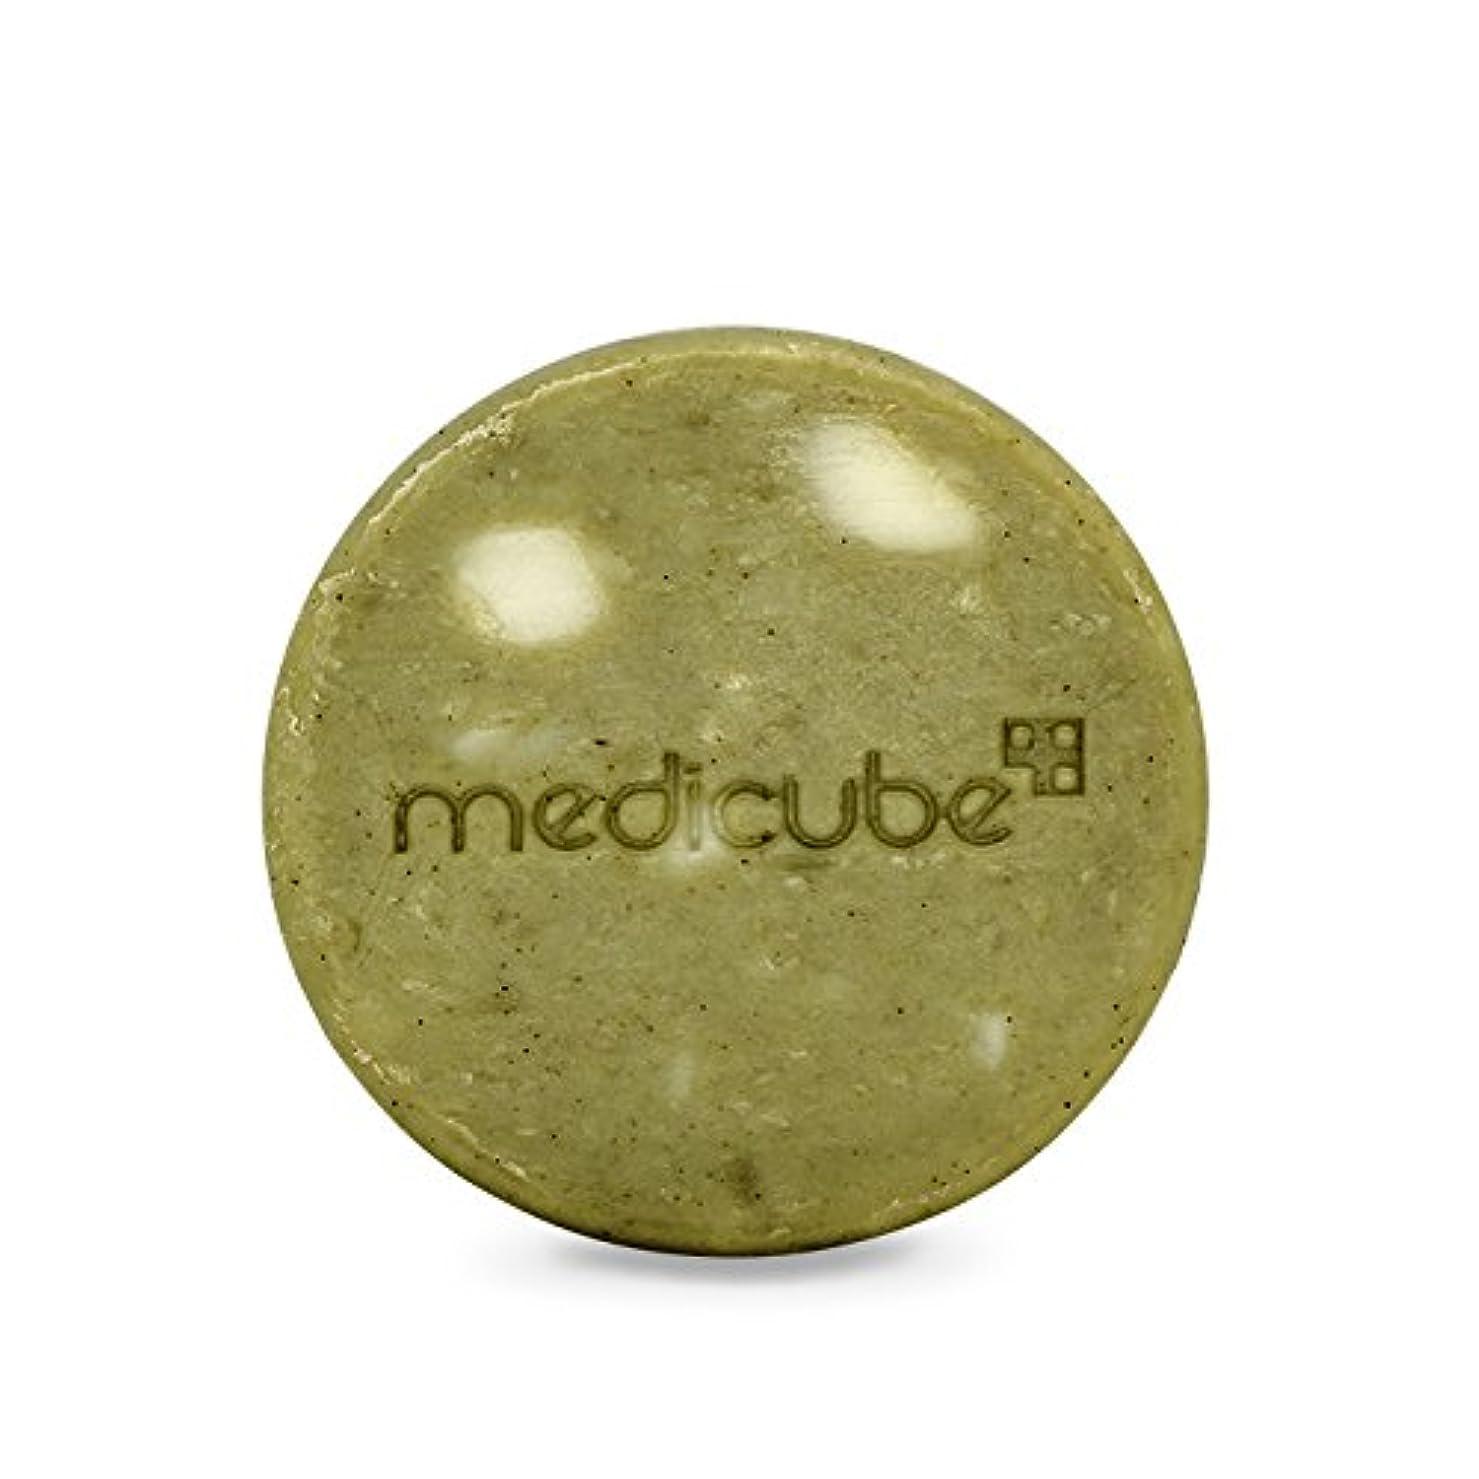 インチアラバマ飢[Medicube]Red Body Bar / メディキューブレッドボディバー / 正品?海外直送商品 [並行輸入品]